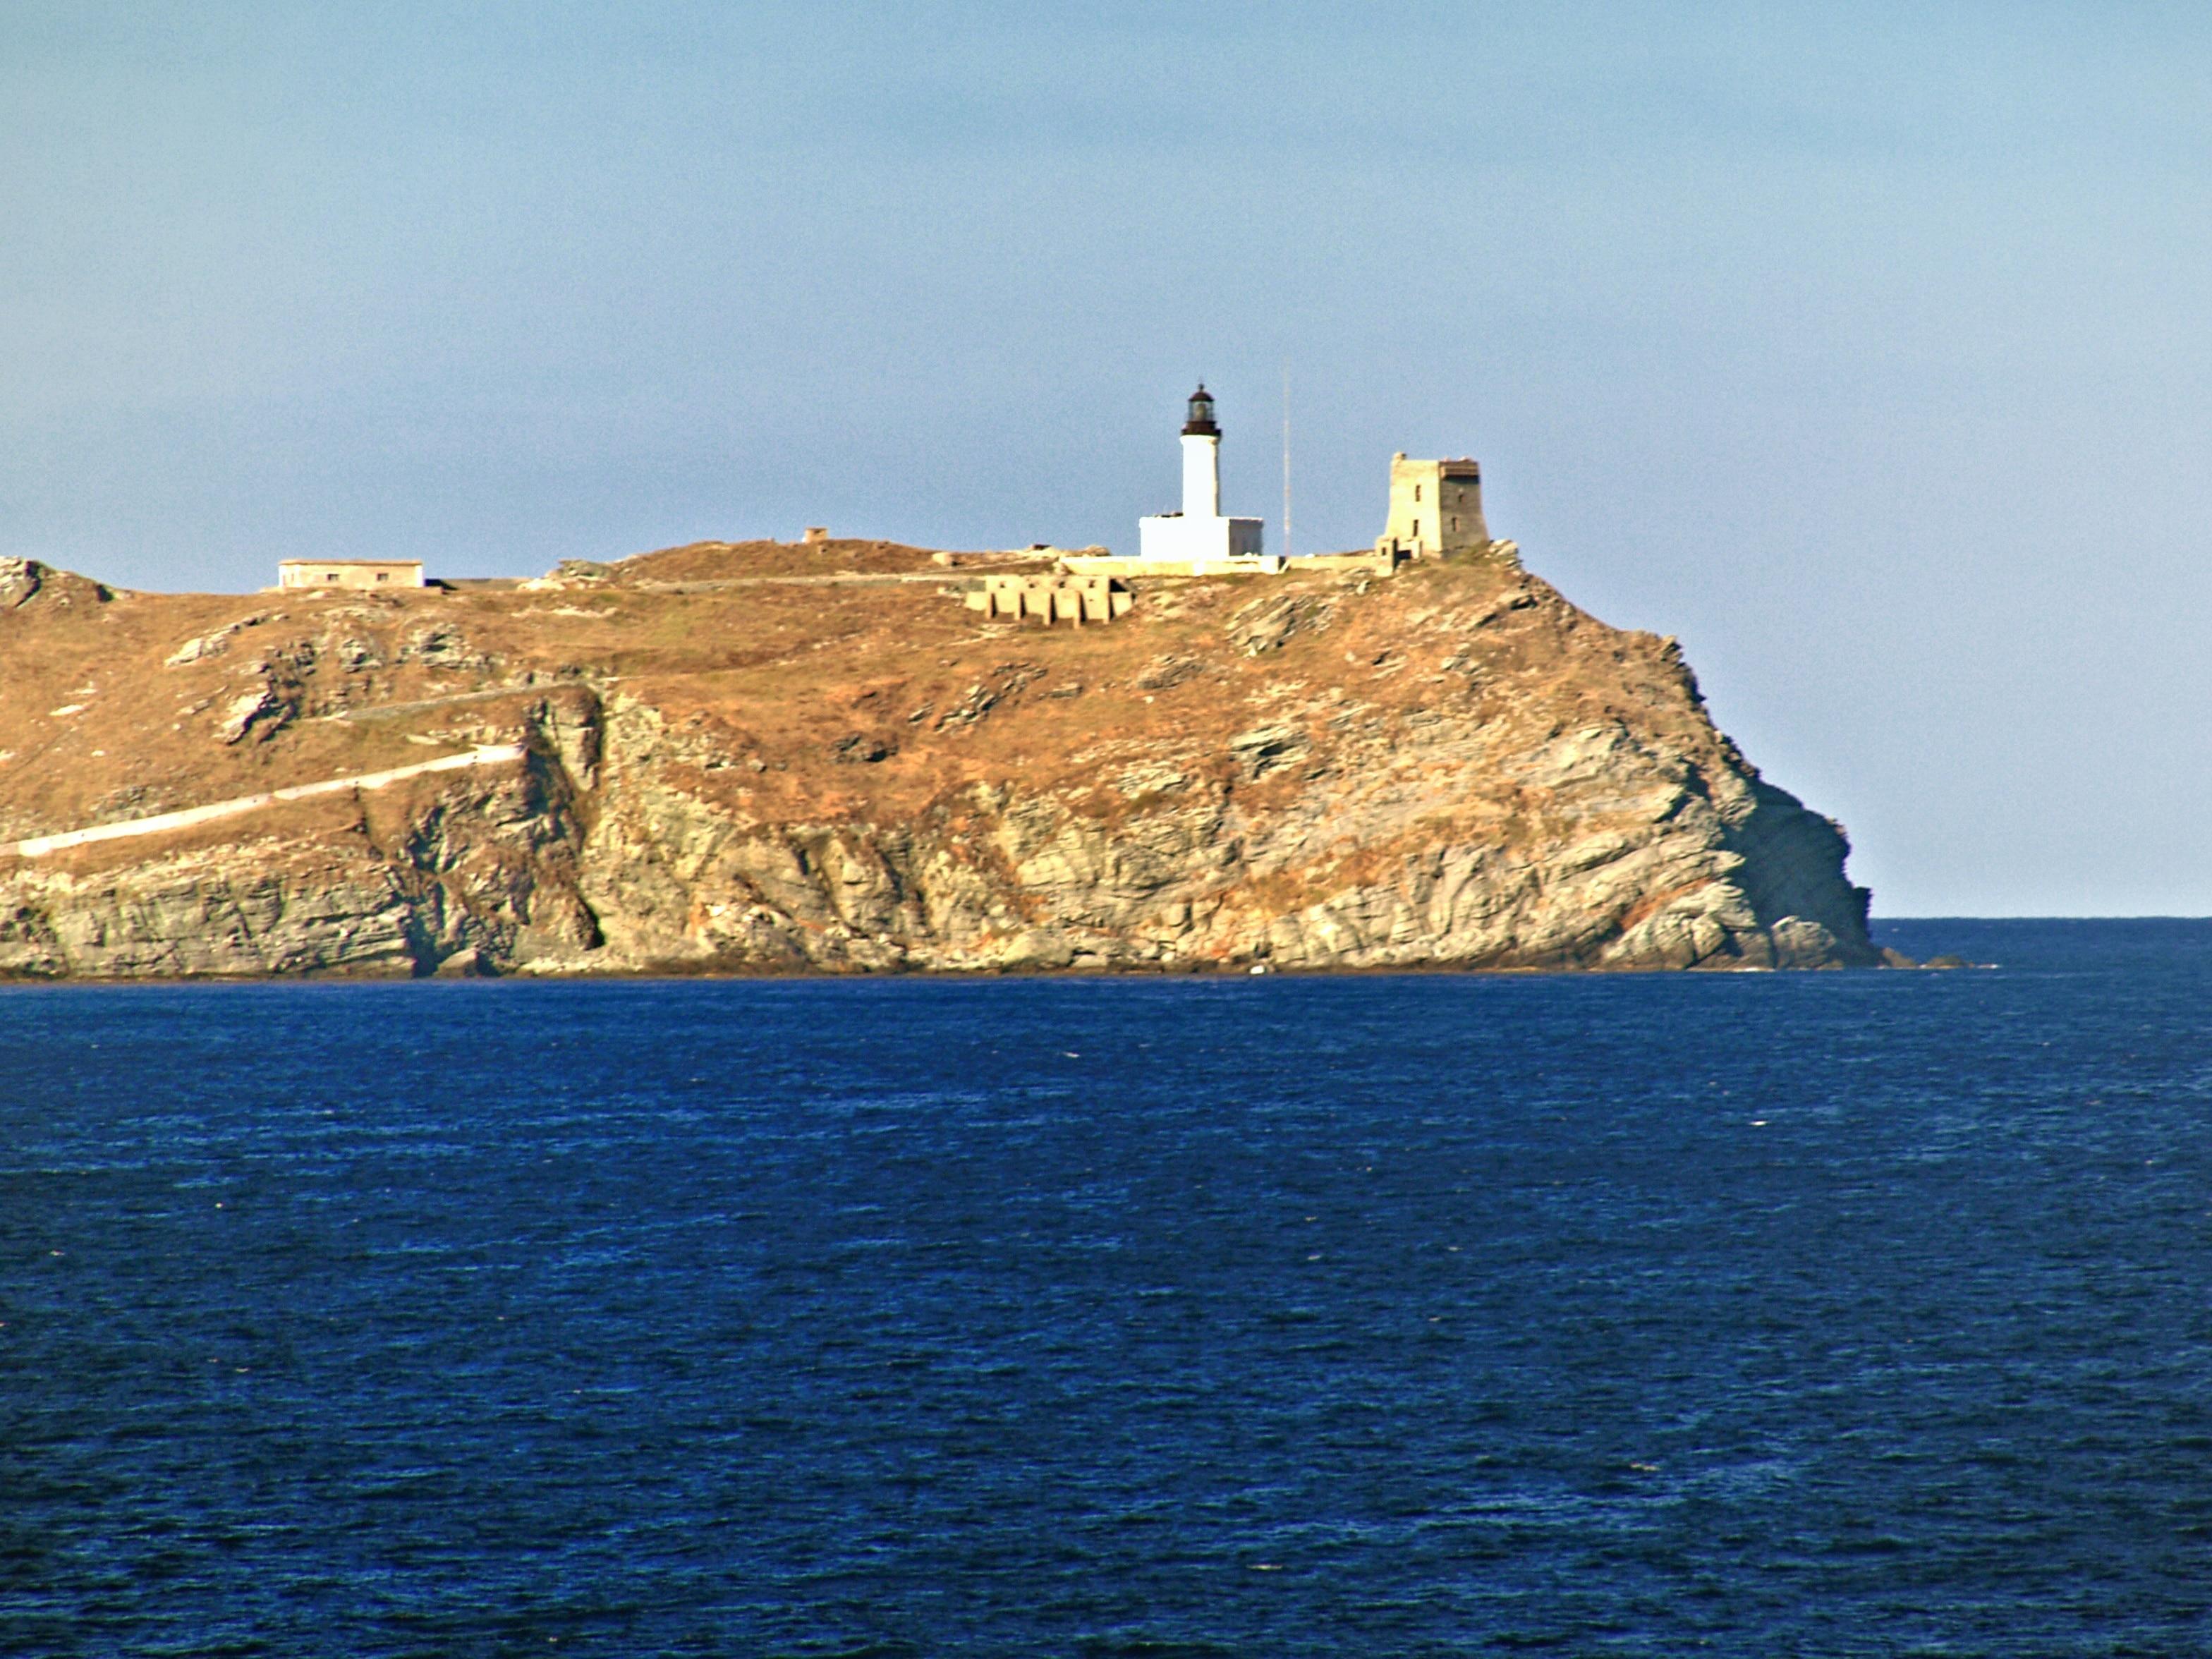 Giraglia (Insel), Rogliano, Haute-Corse, Frankreich